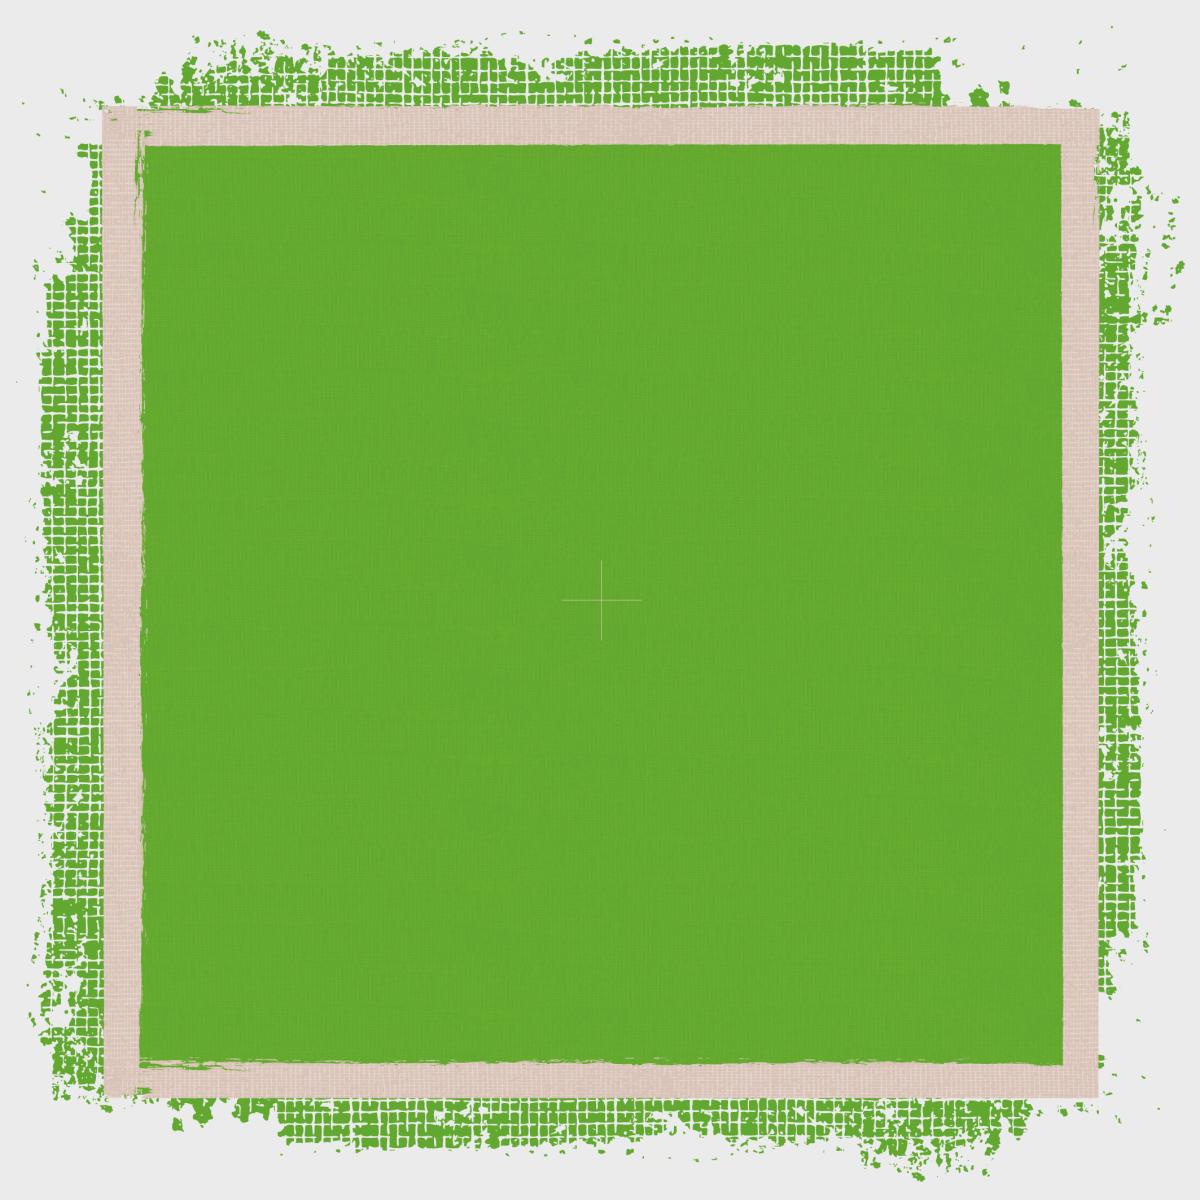 Item image full size